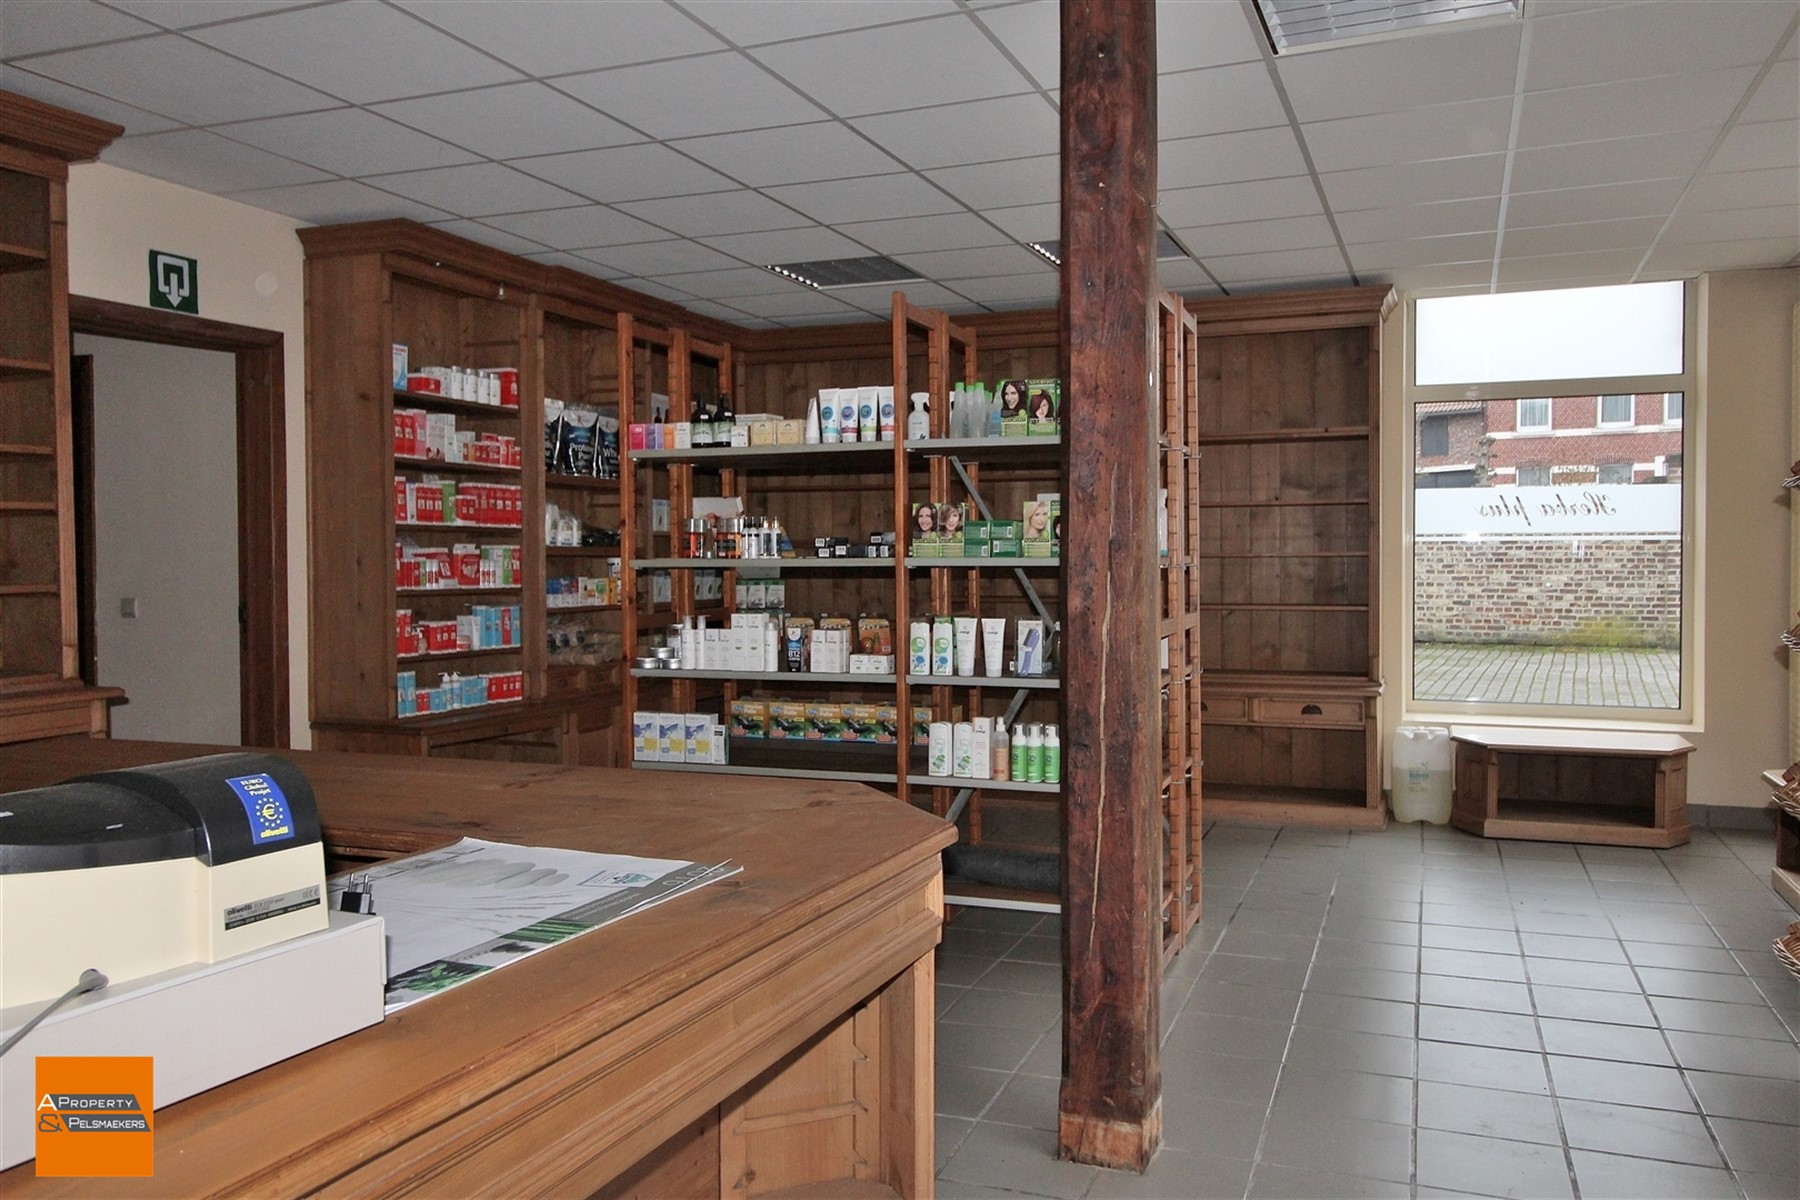 Foto 4 : Winkelruimte in 3272 TESTELT (België) - Prijs € 850